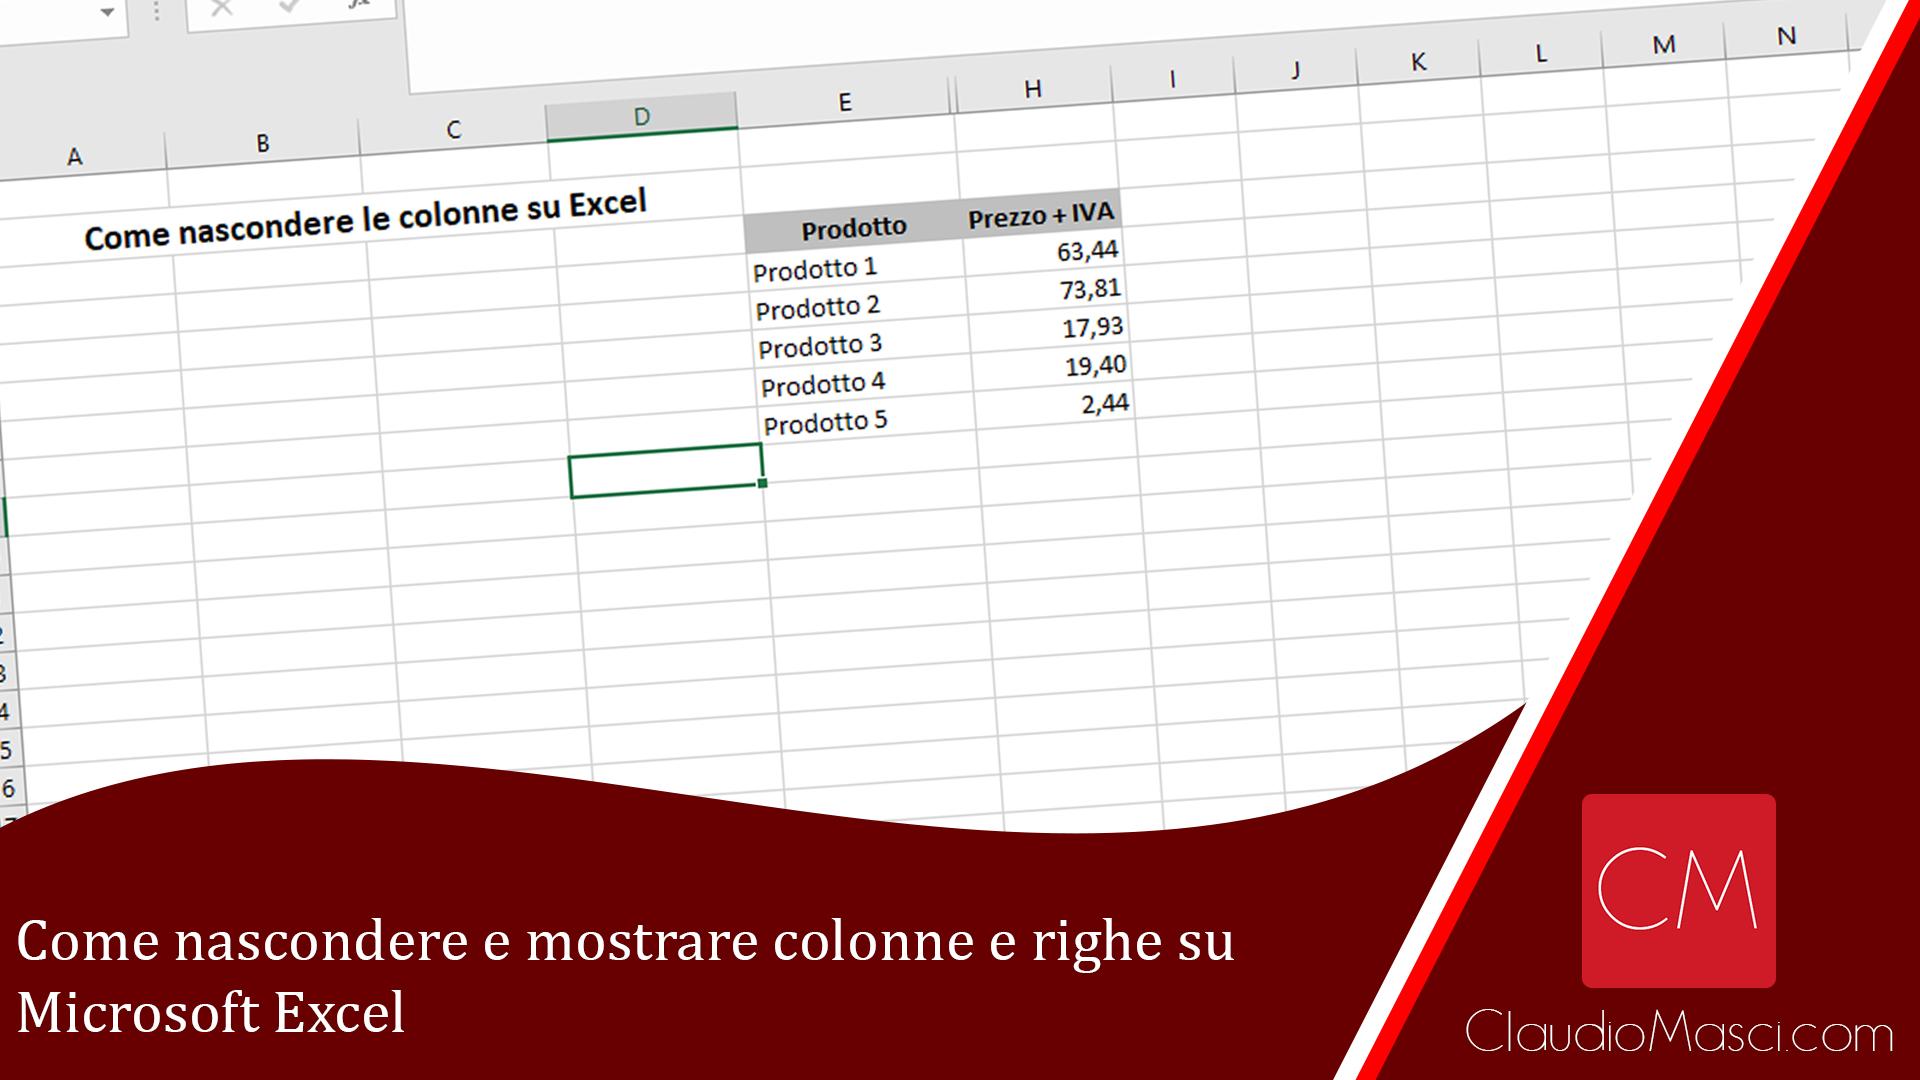 Come nascondere e mostrare colonne e righe su Excel